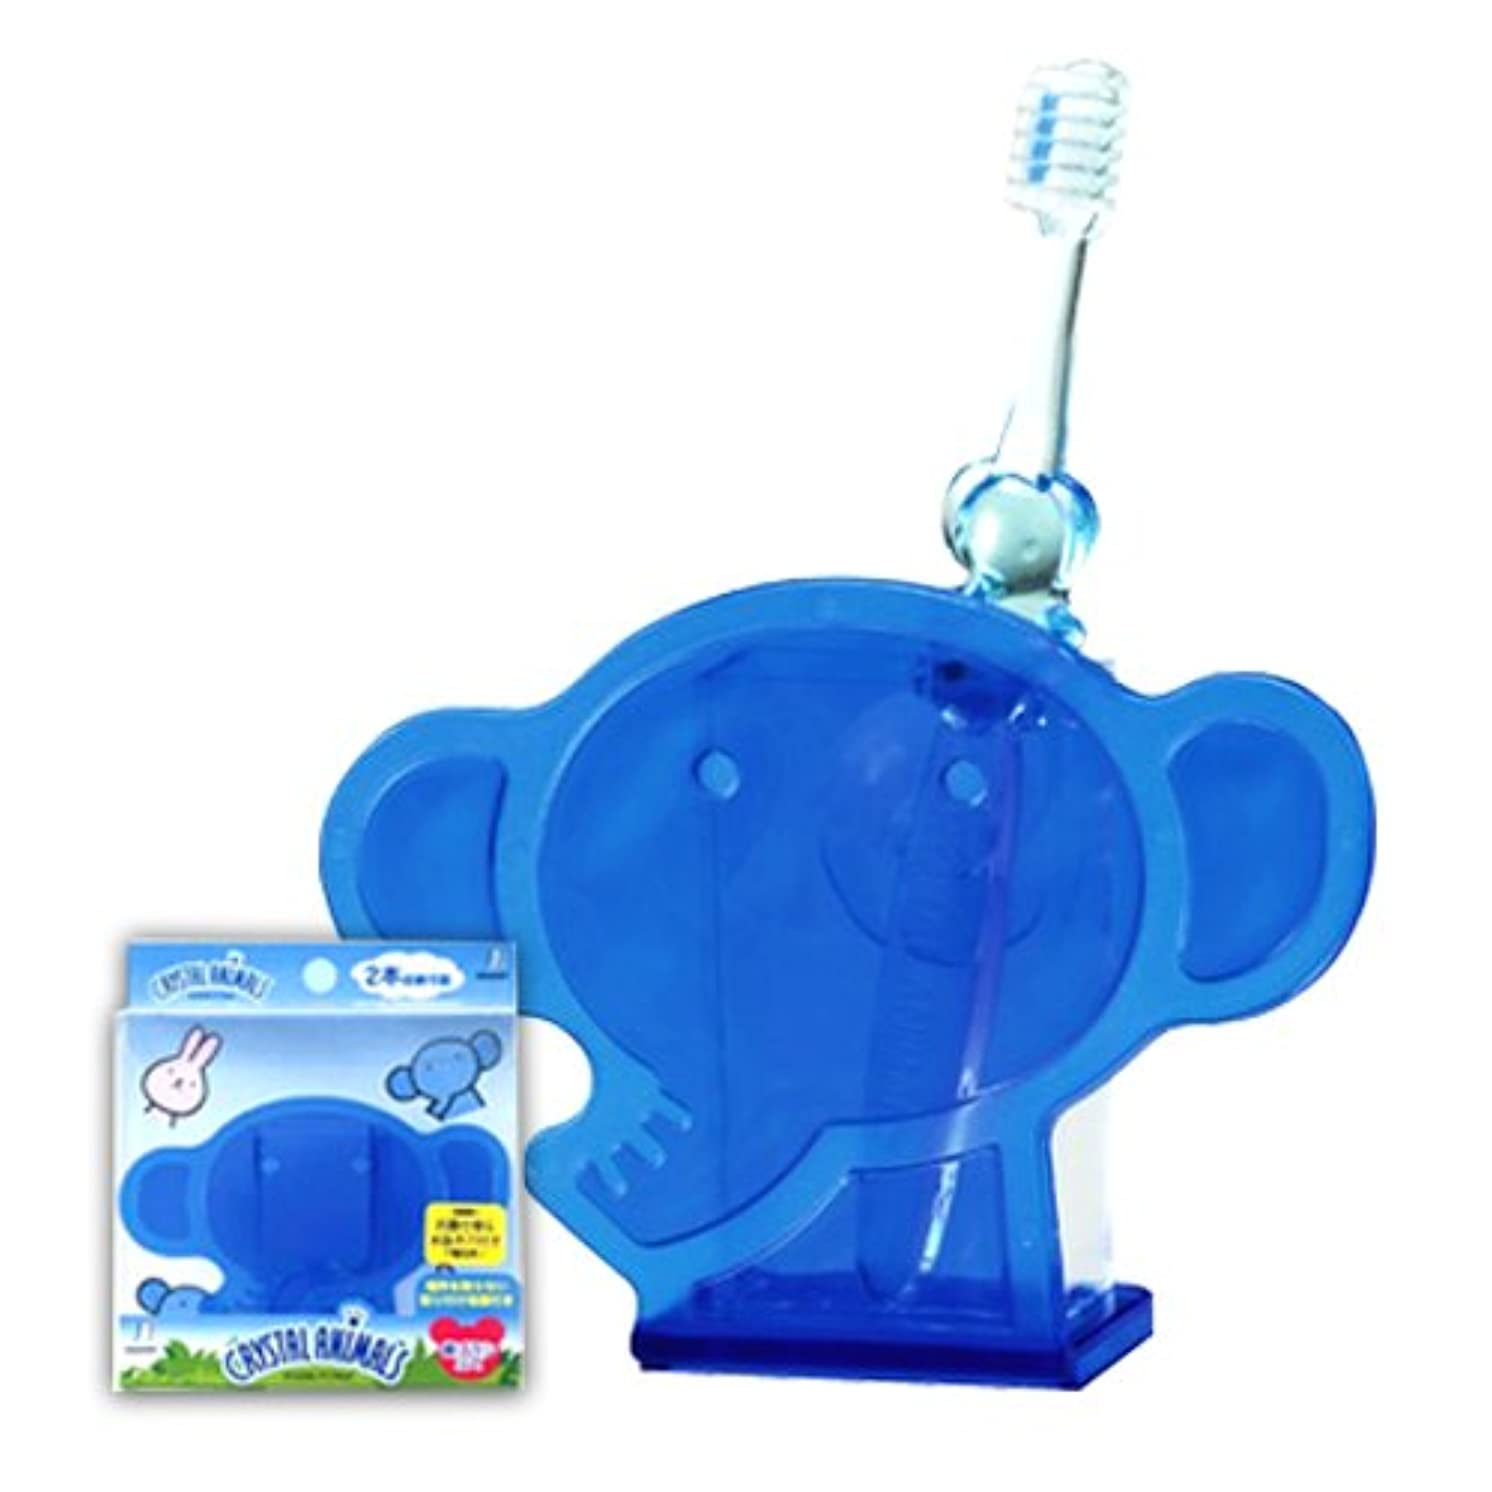 恩恵祝福する変換クリスタル アニマルズ 歯ブラシ立て 1個 ブルー